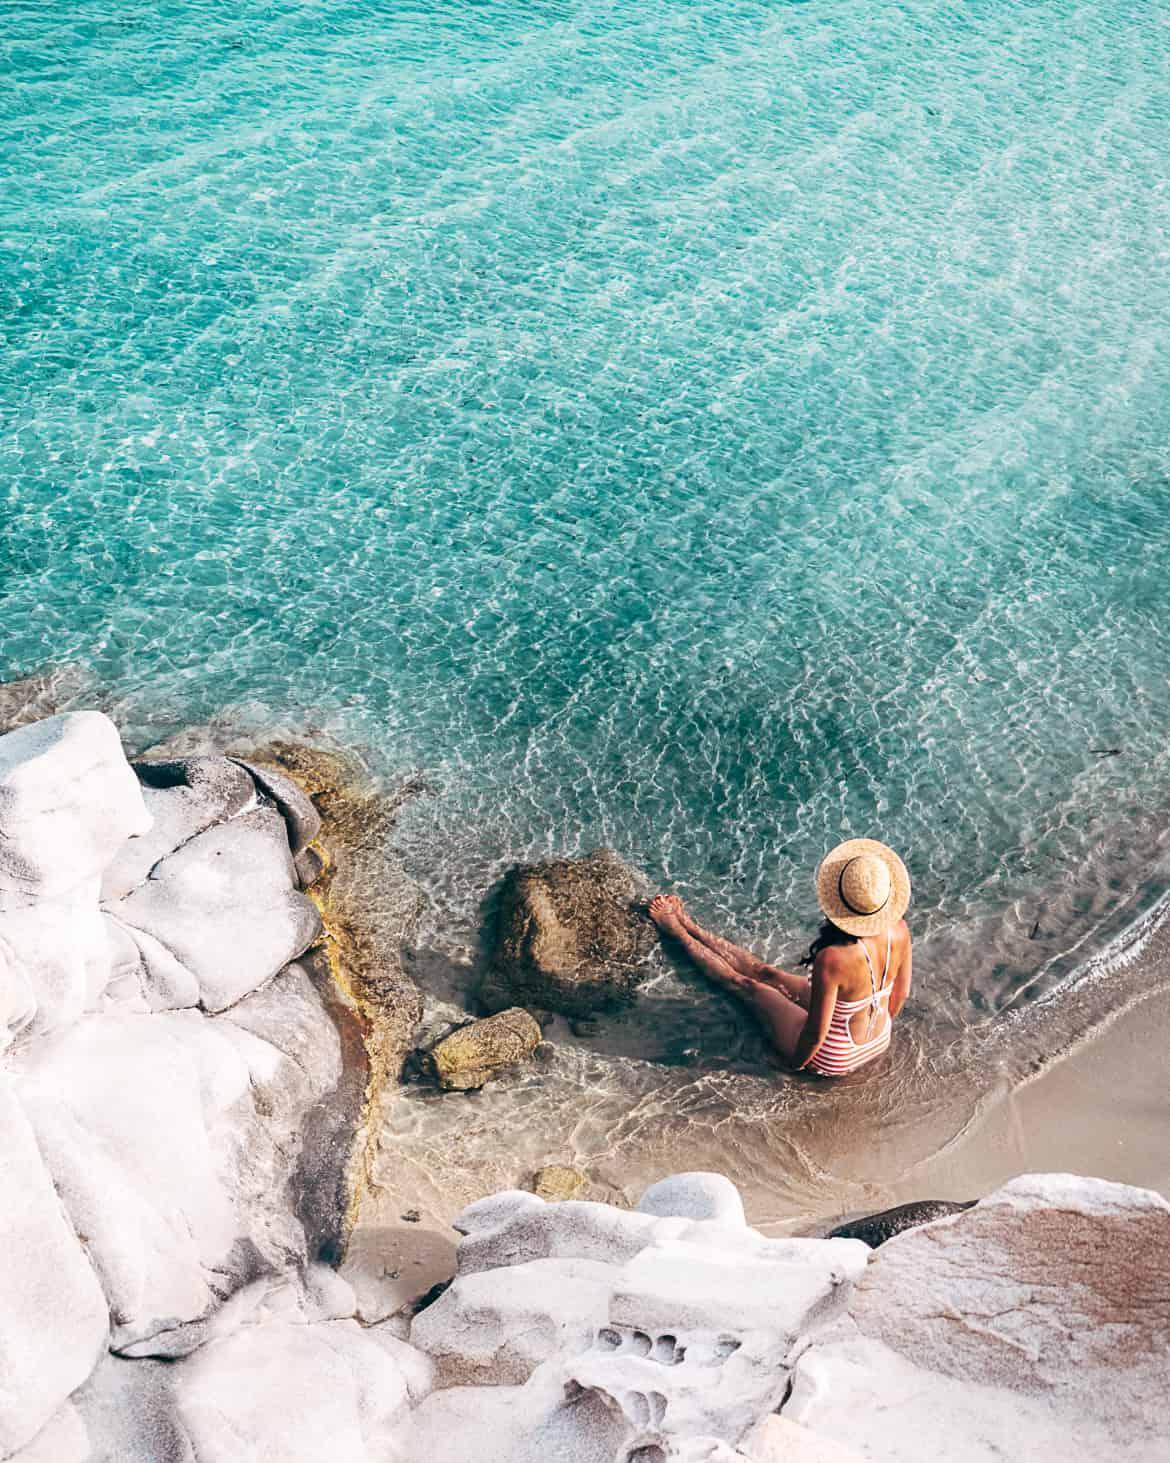 Urlaub auf Paros - Inselhopping auf den Kykladen: Perfekt türkieses Wasser am Kolimbrythes Beach bei Naoussa